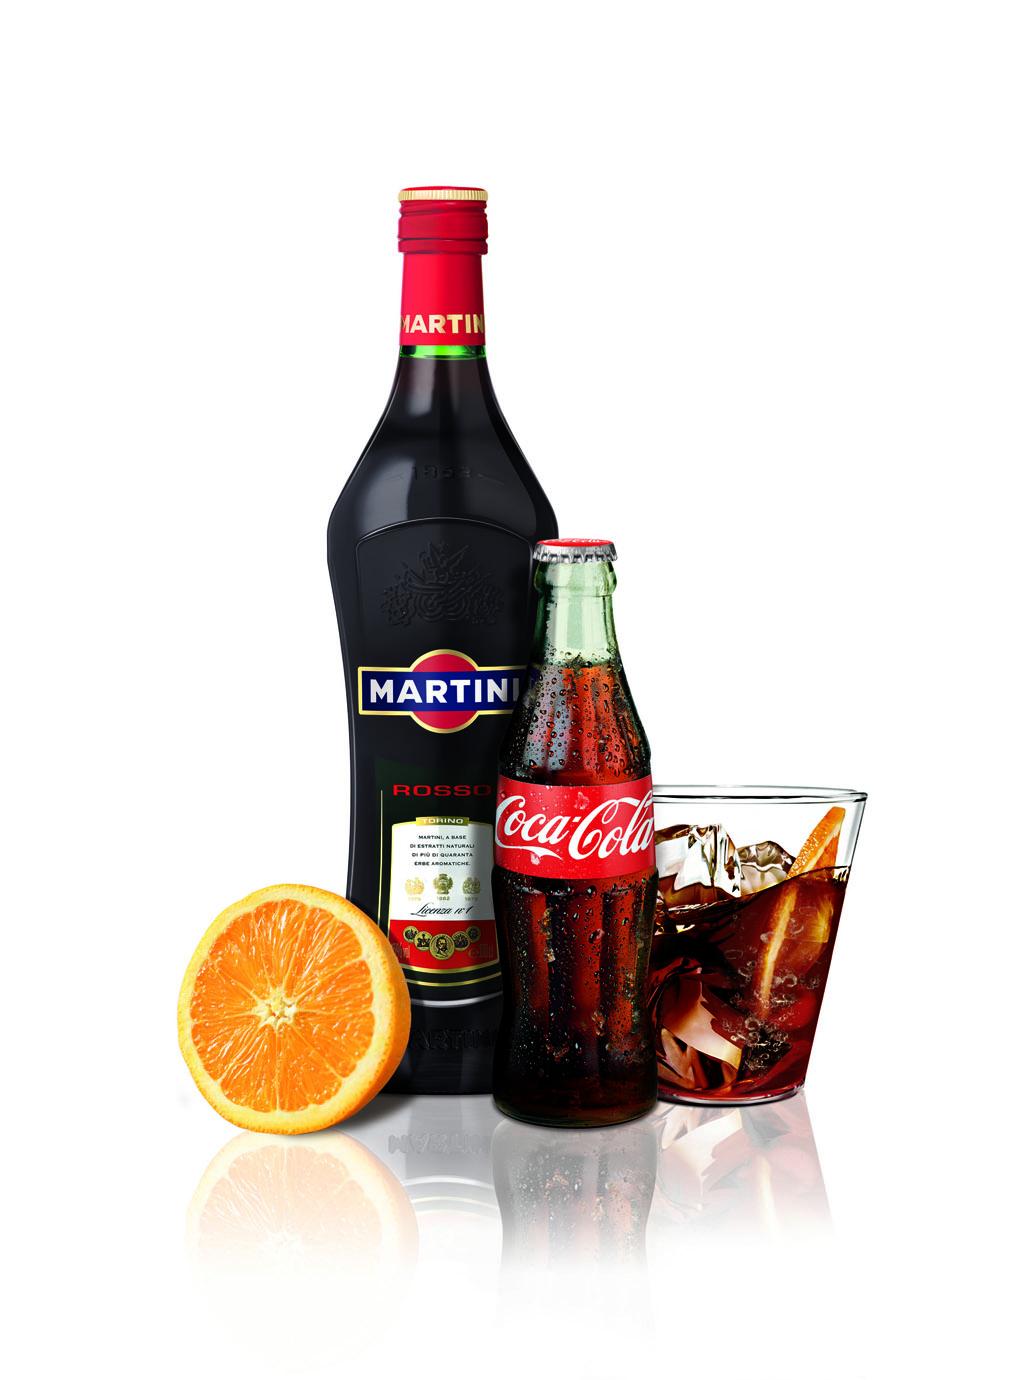 demandante rival relajarse  Coca-Cola se alía con Martini para crear 'El Chispazo' - Gastroeconomy